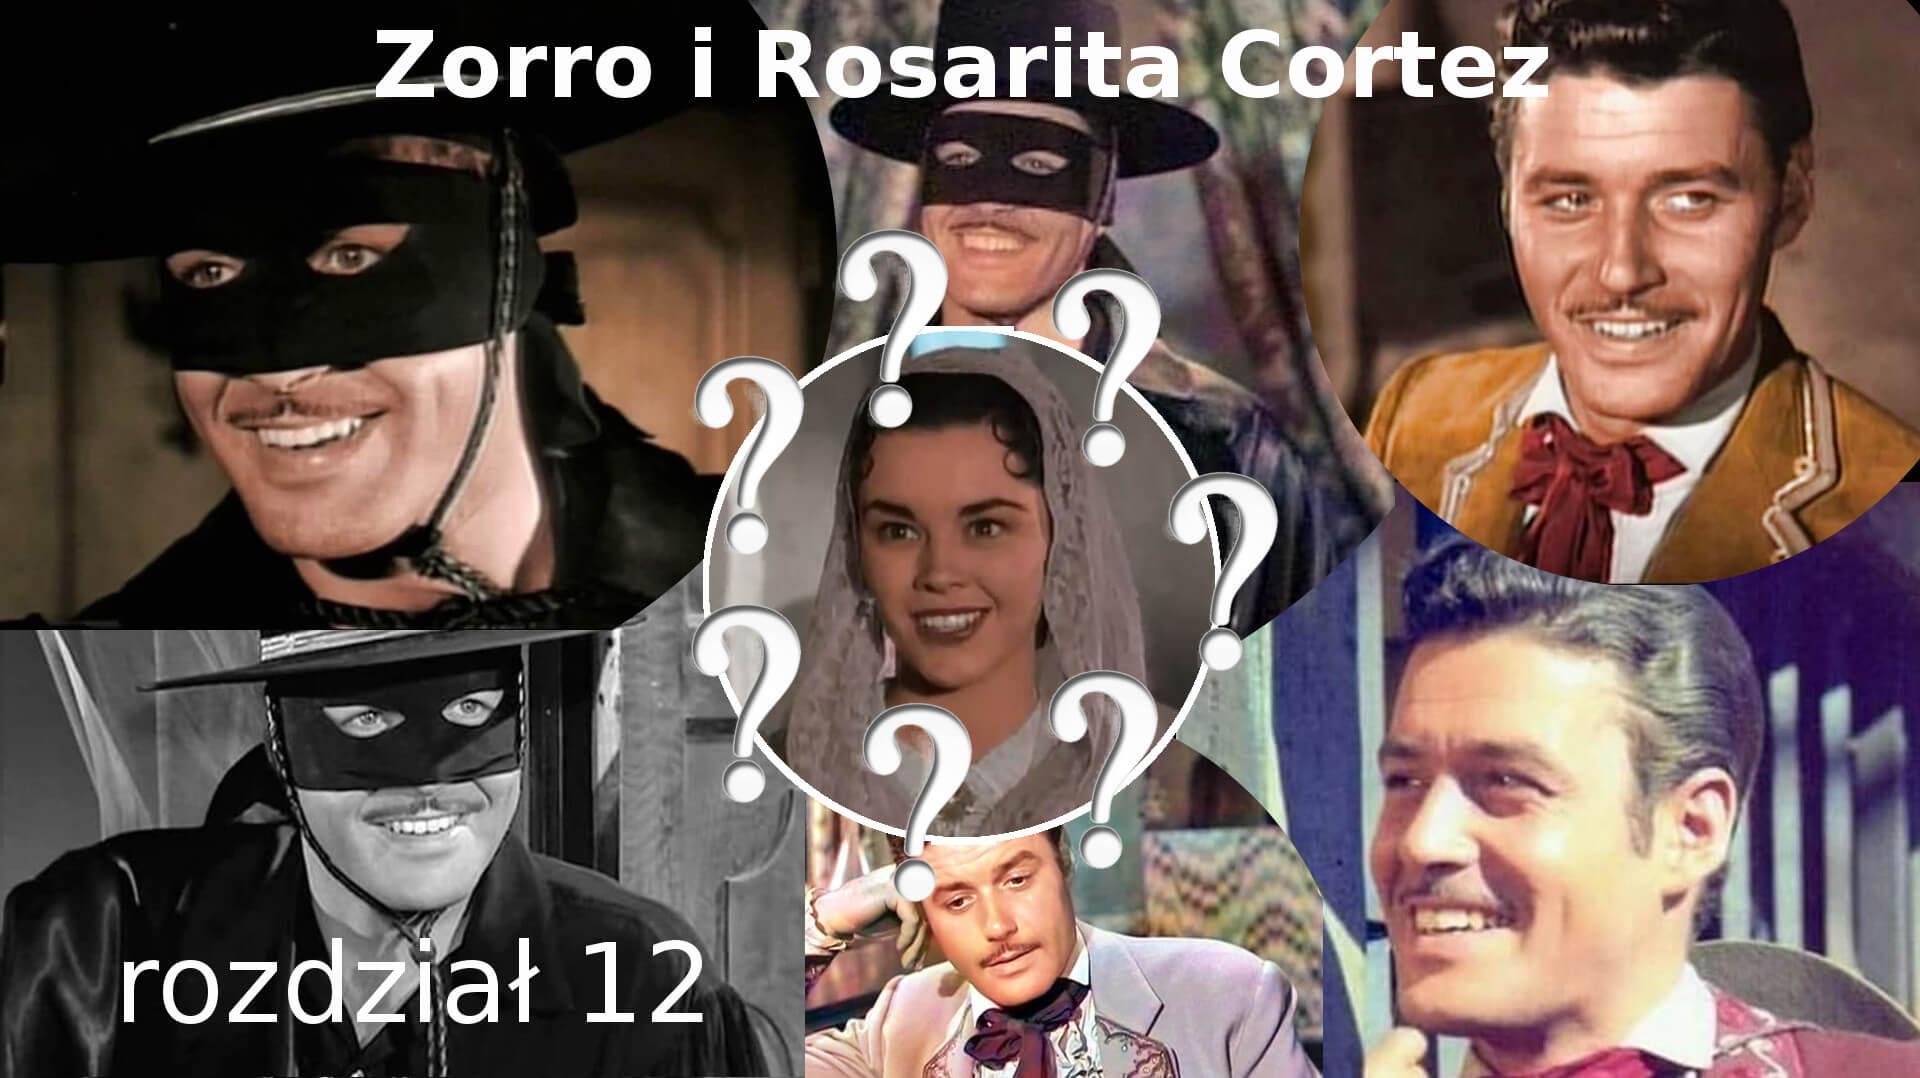 Zorro i Rosarita Cortez rozdział 12 Zorro fanfiction